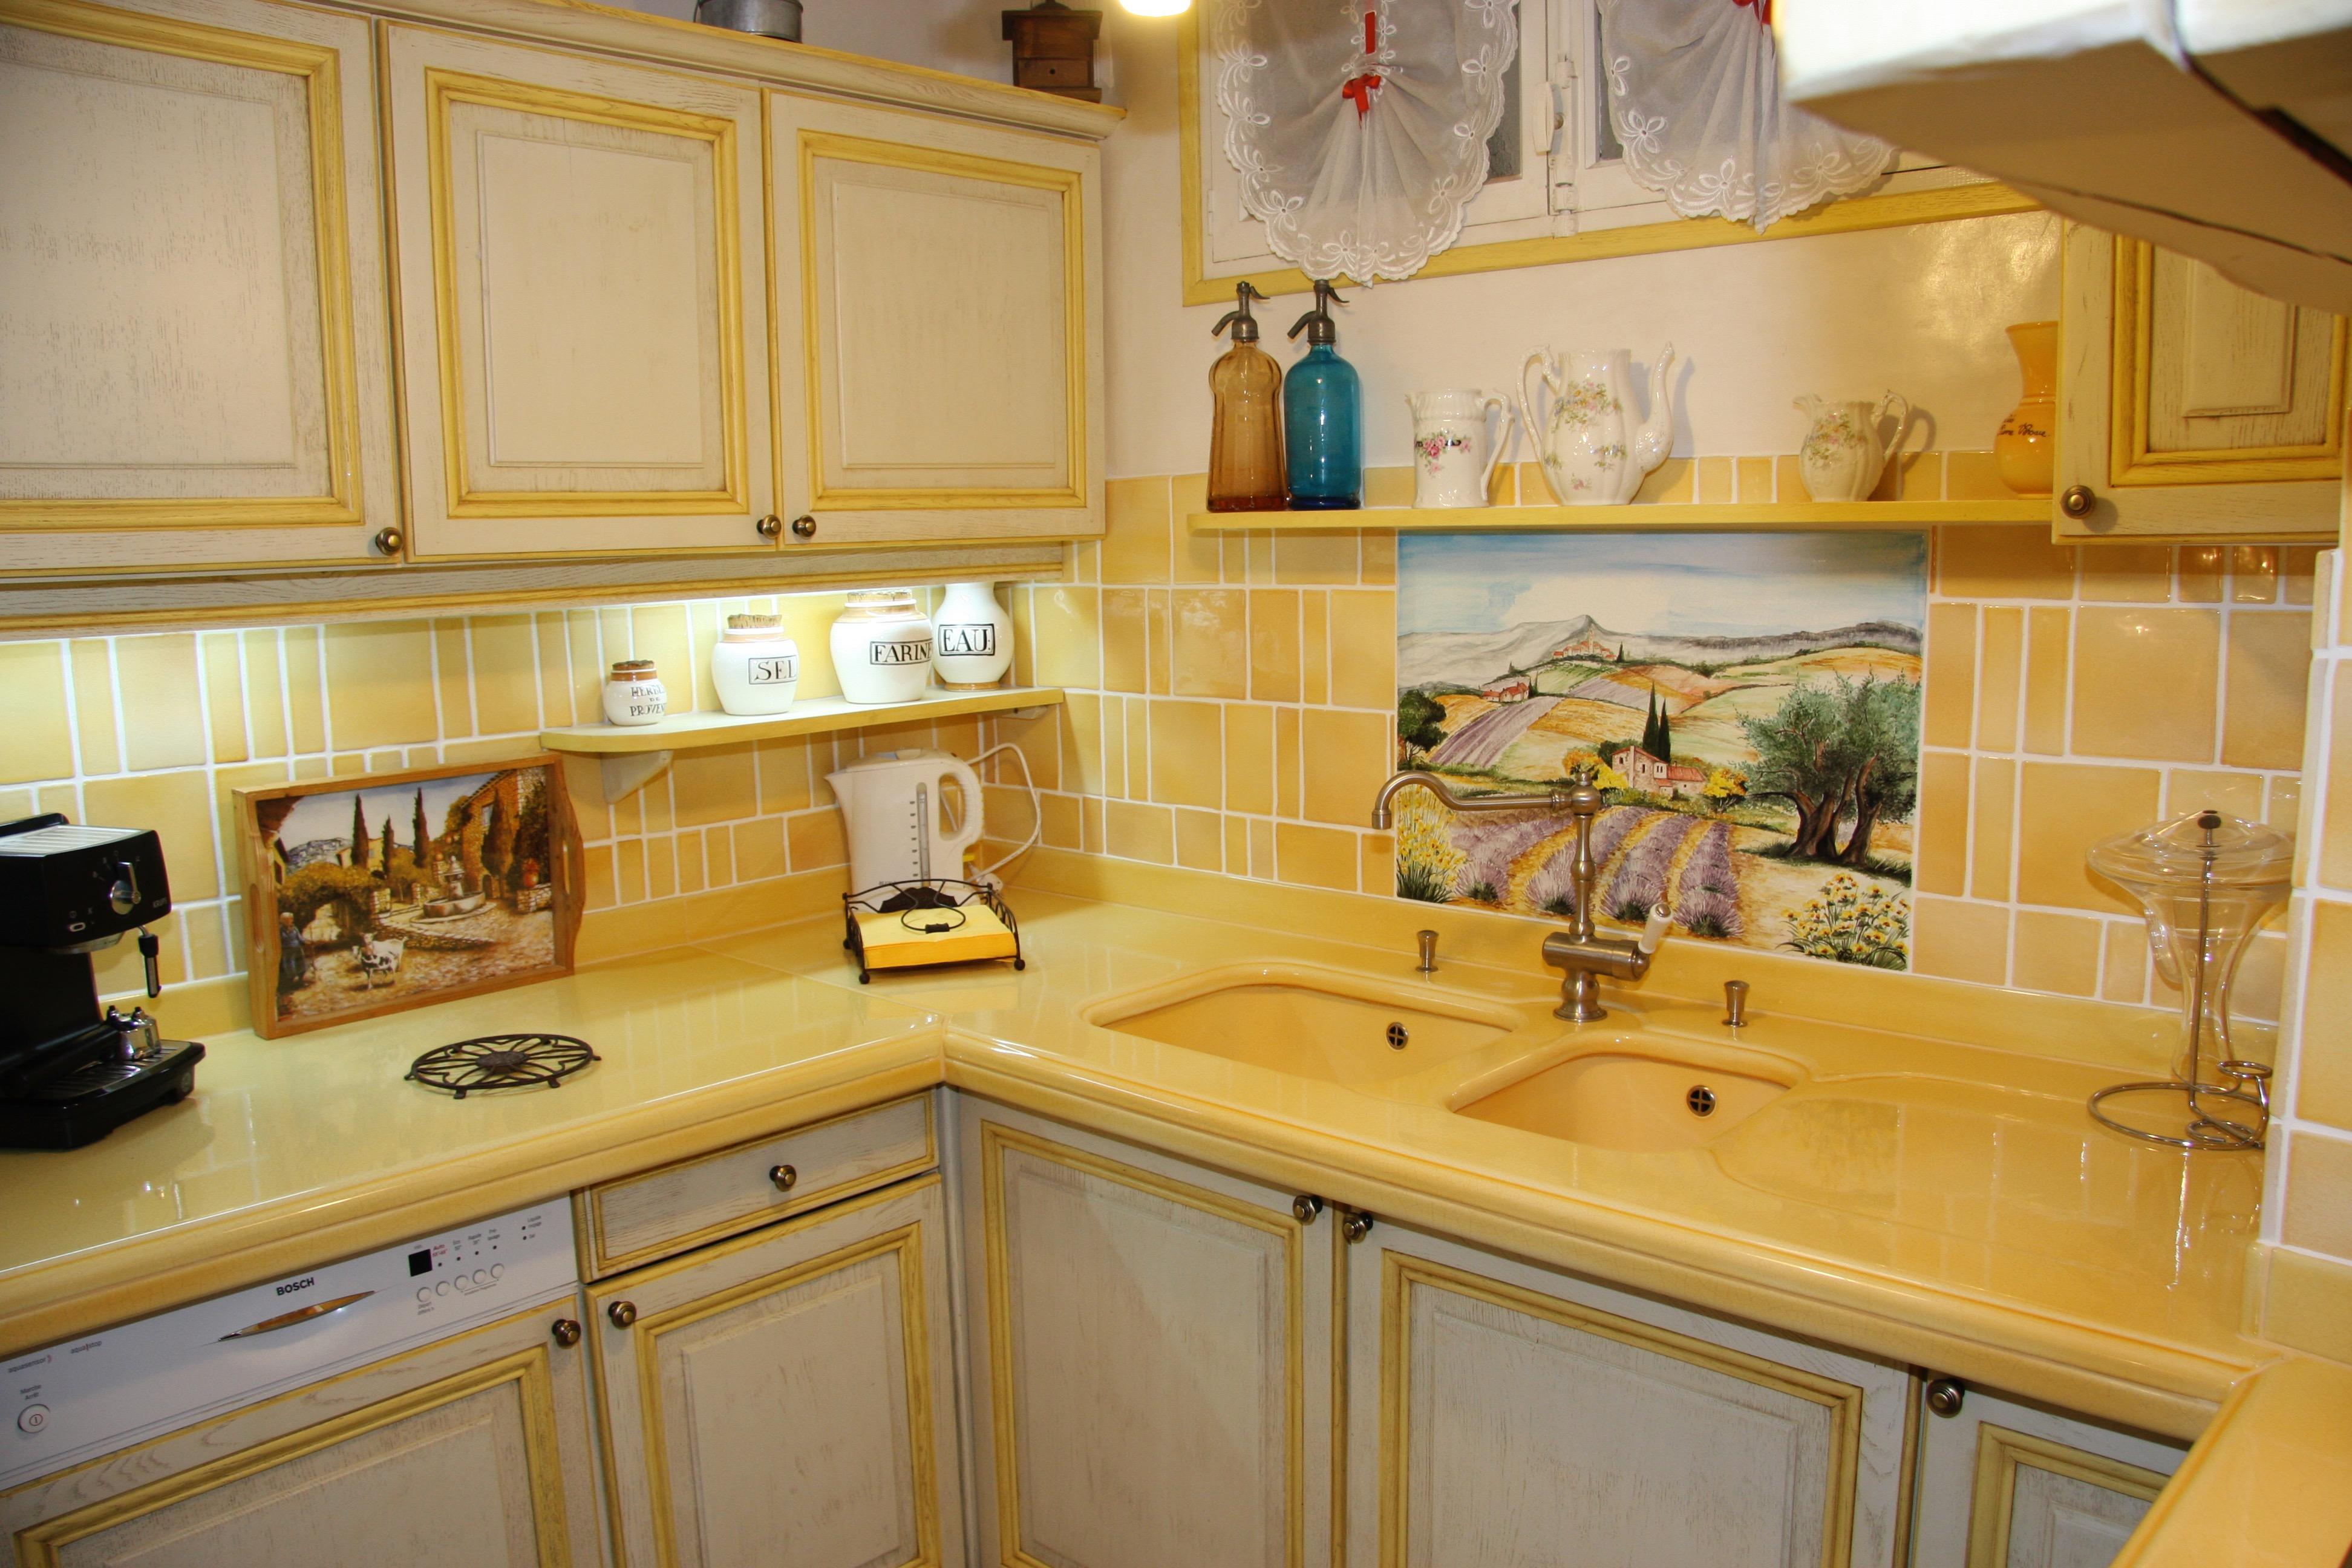 Plans de travail et tables en pierre de lave maill e for Cuisine style provencale moderne